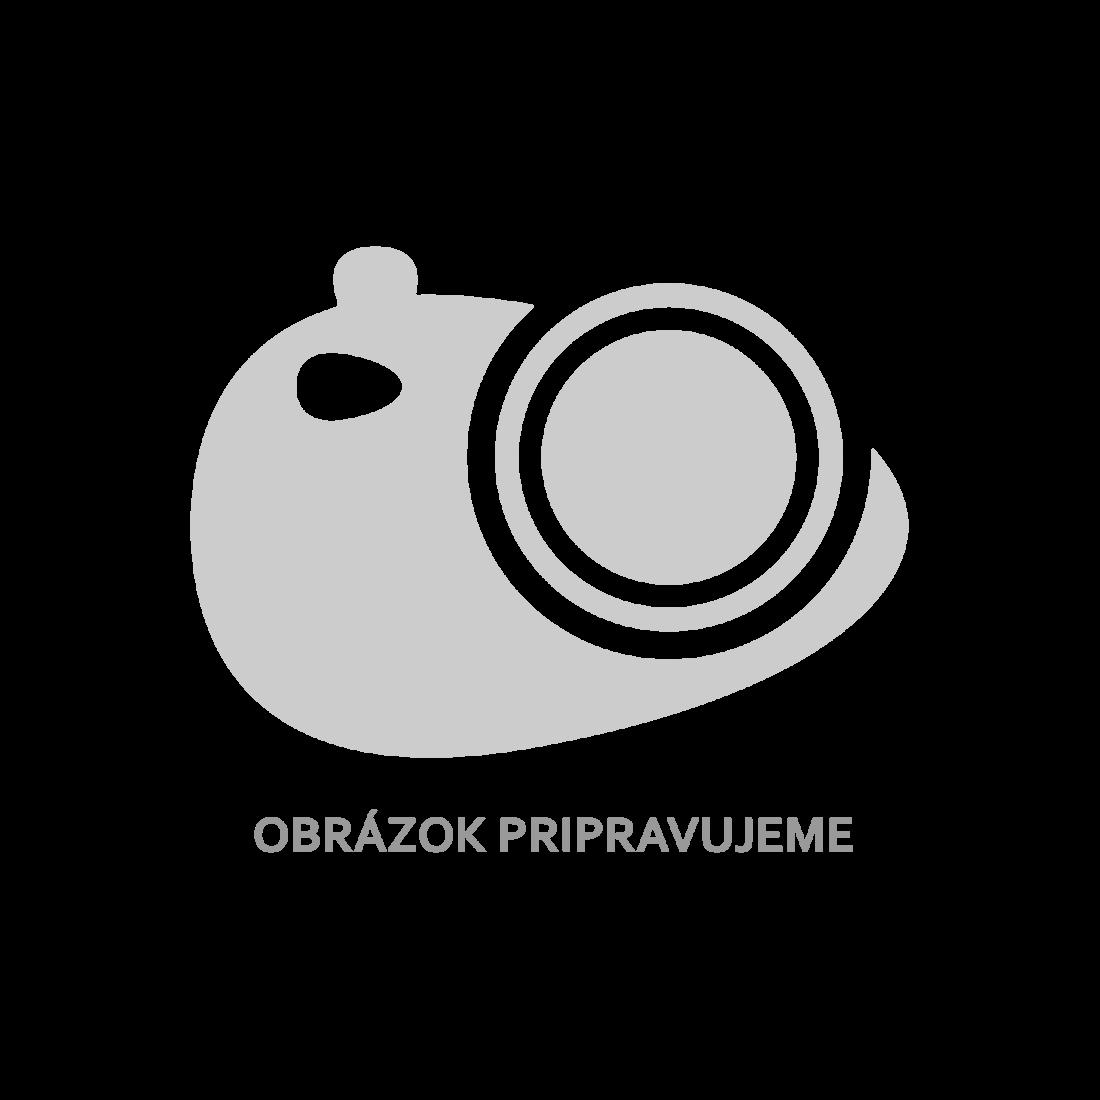 Gumená podlahová protišmyková rohož 5x1m diamantový vzor